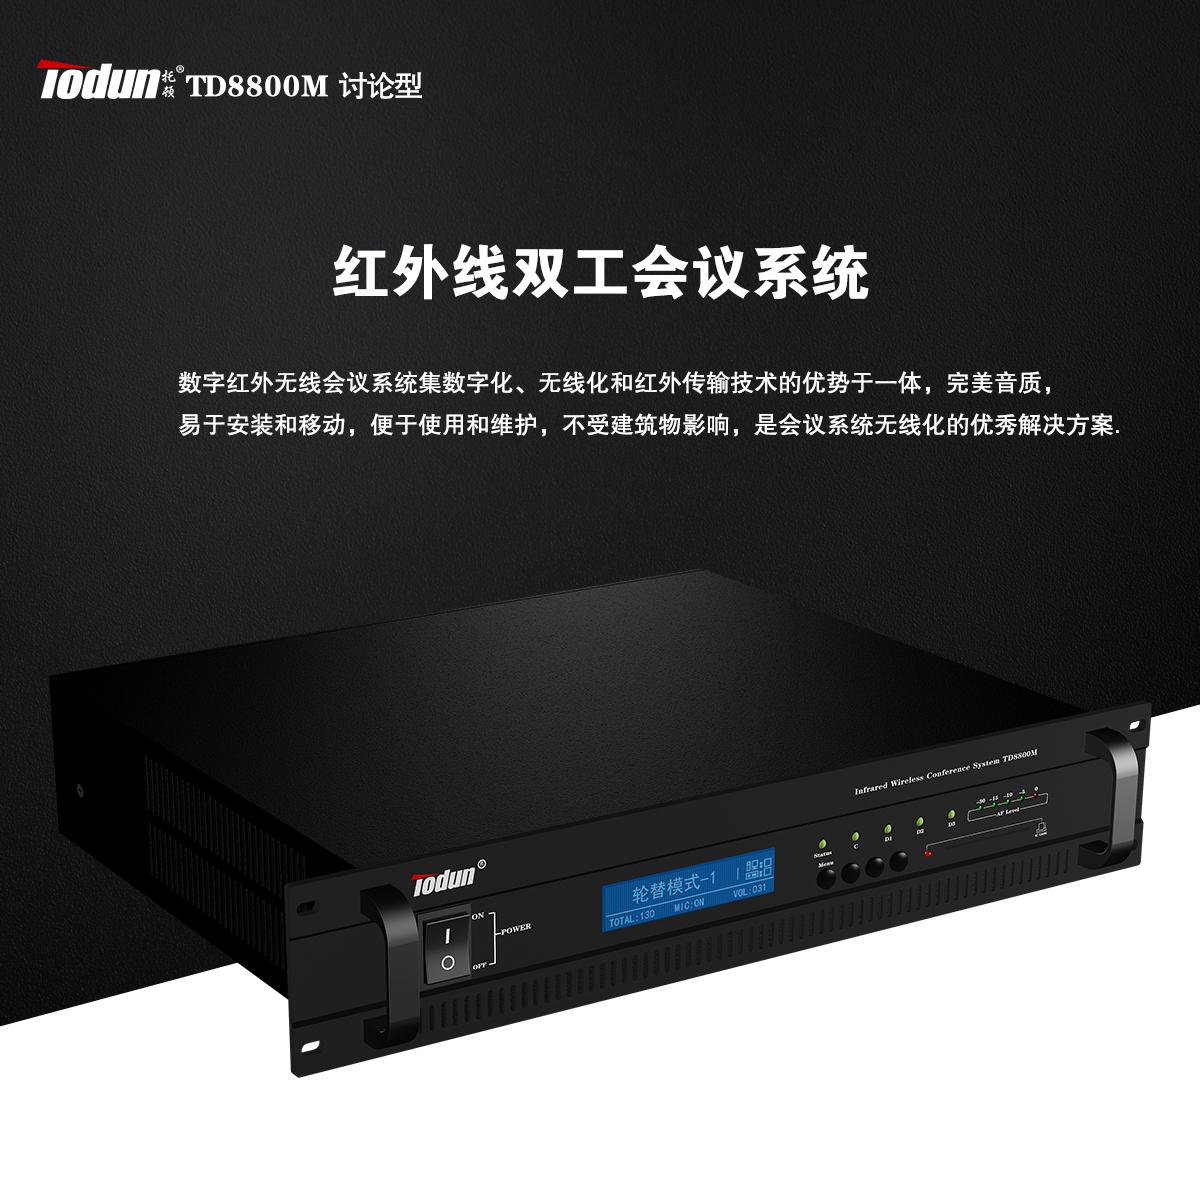 数字红外无线会议系统 托顿TD8800 集数字化 无线化和红外传输技术